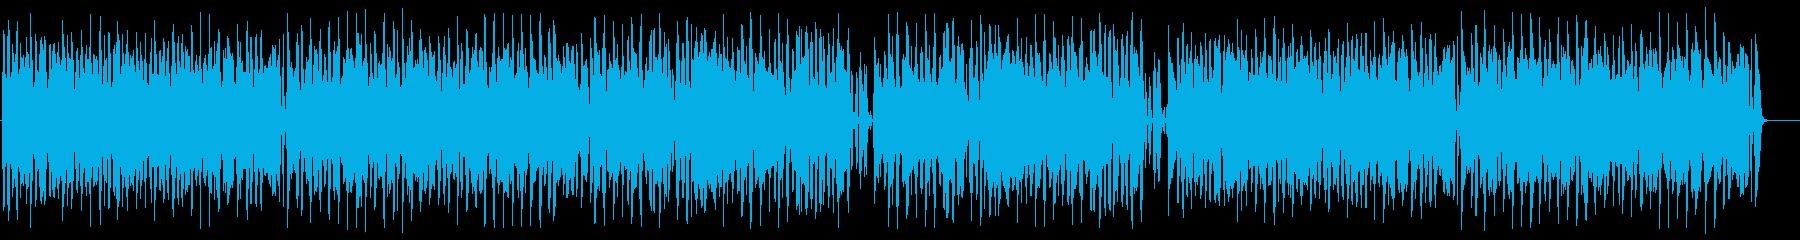 【ドラム&ベース抜き】ポップで陽気な口笛の再生済みの波形